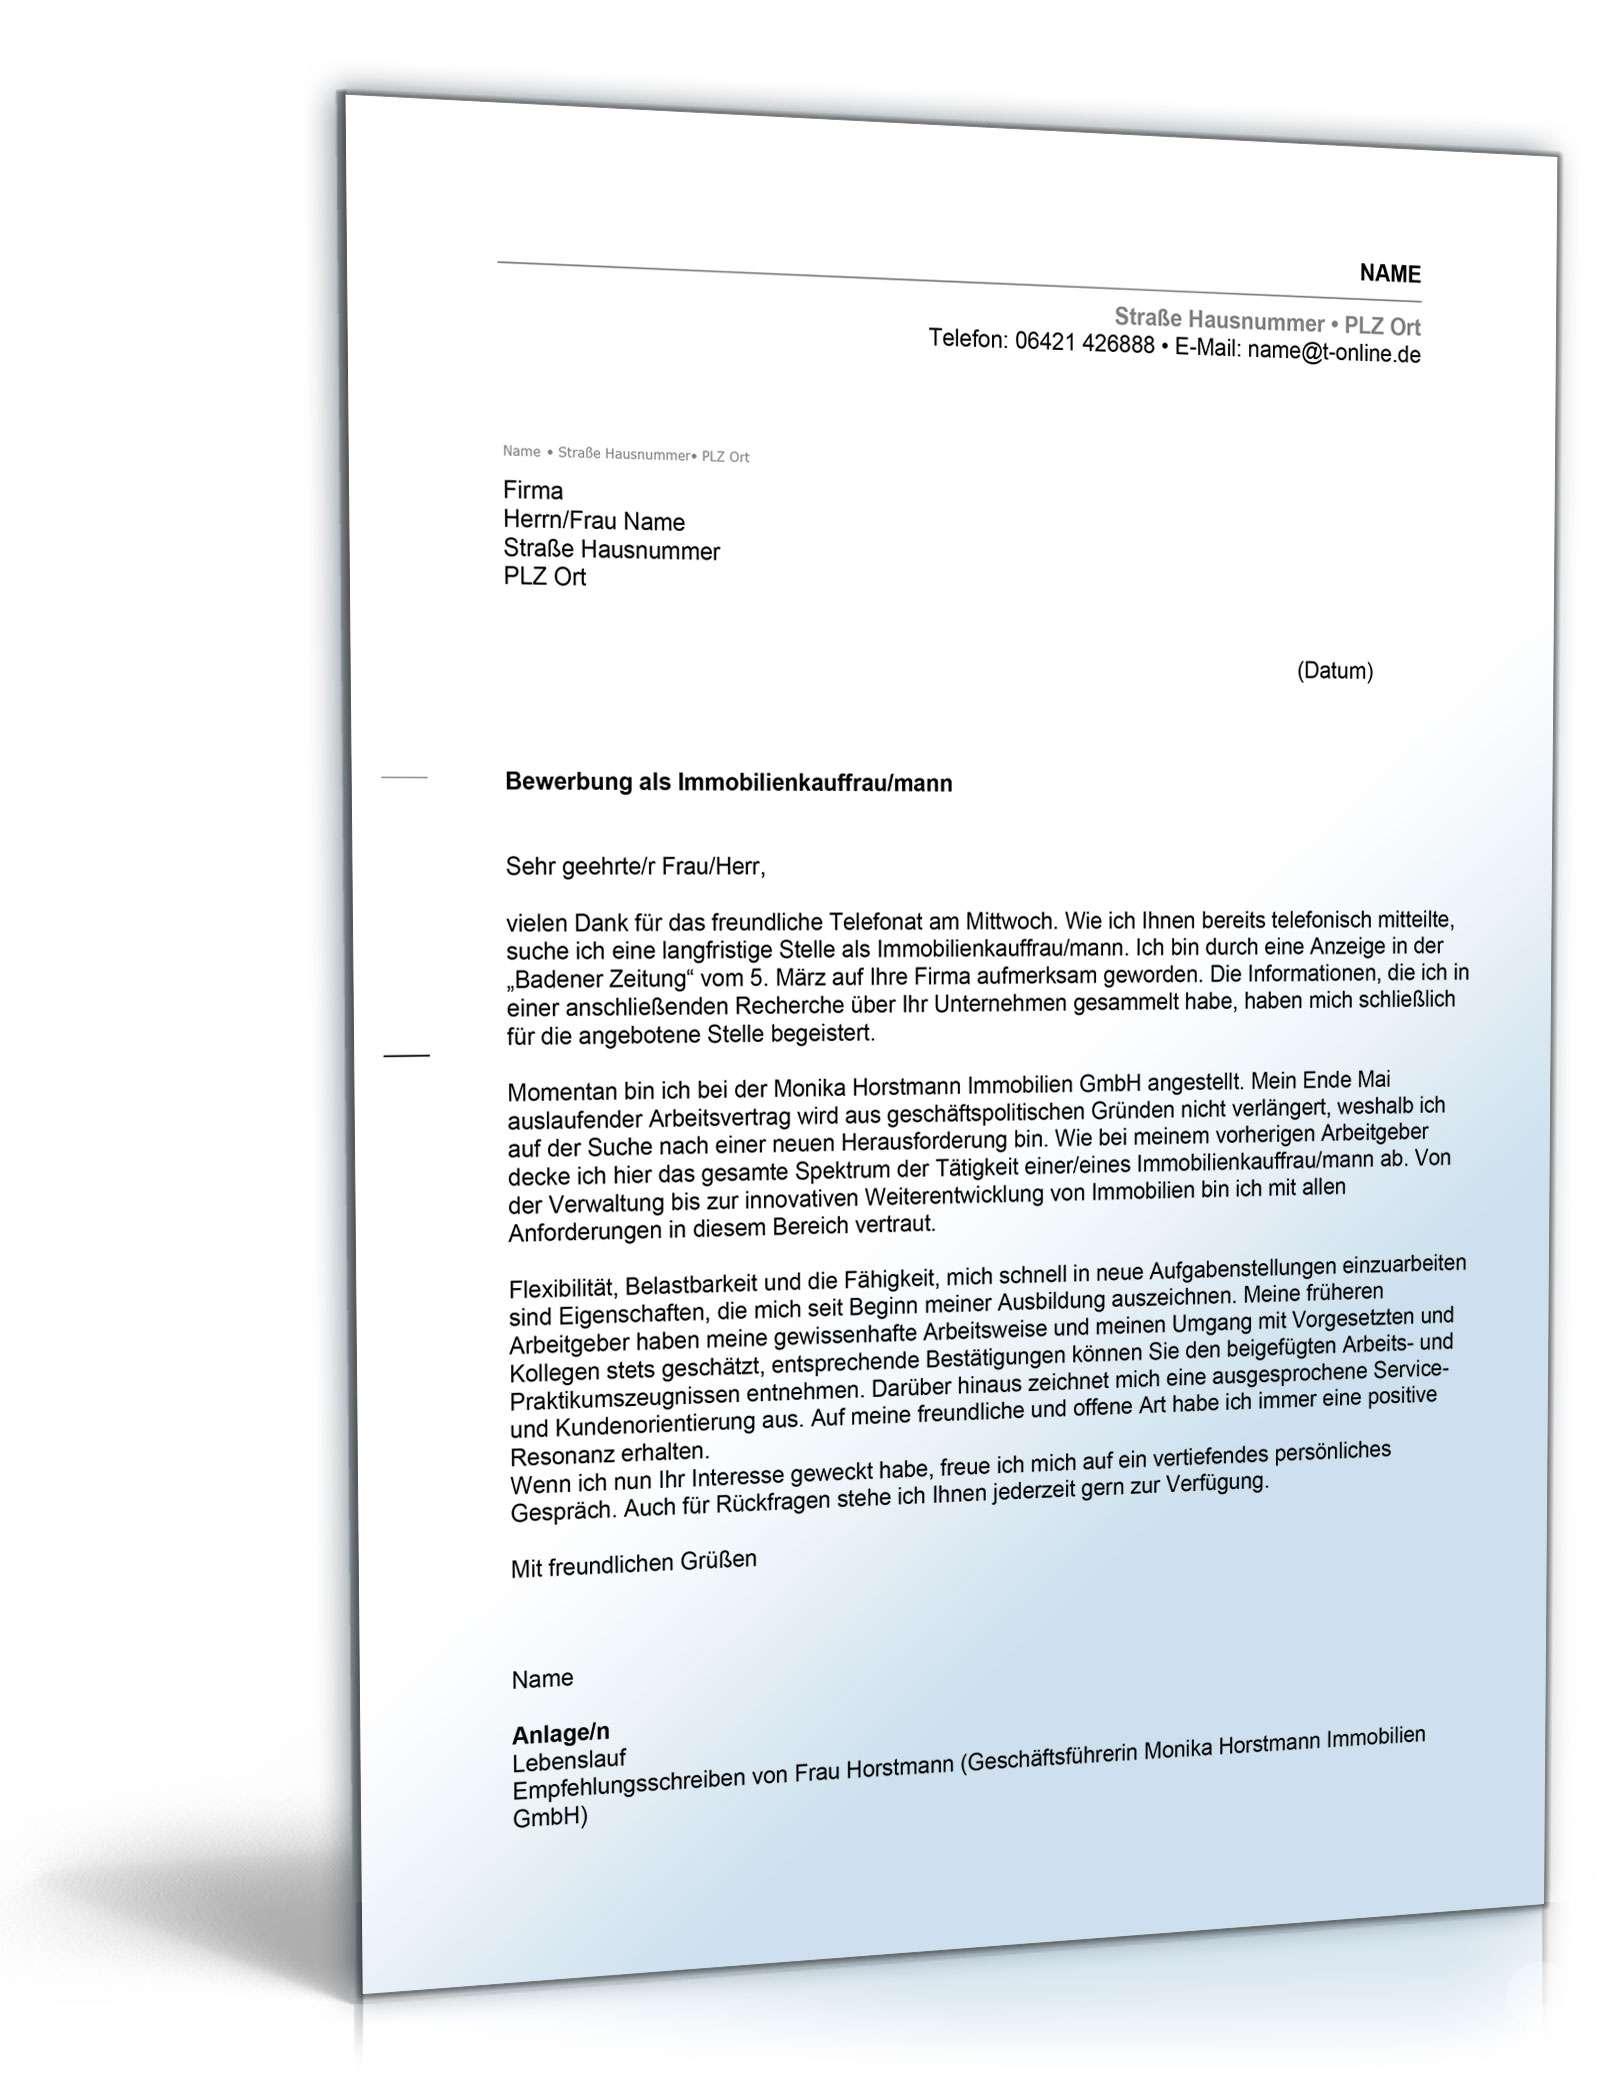 Muster Bewerbung Als Immobilienkauffrau Immobilienkaufmann 2